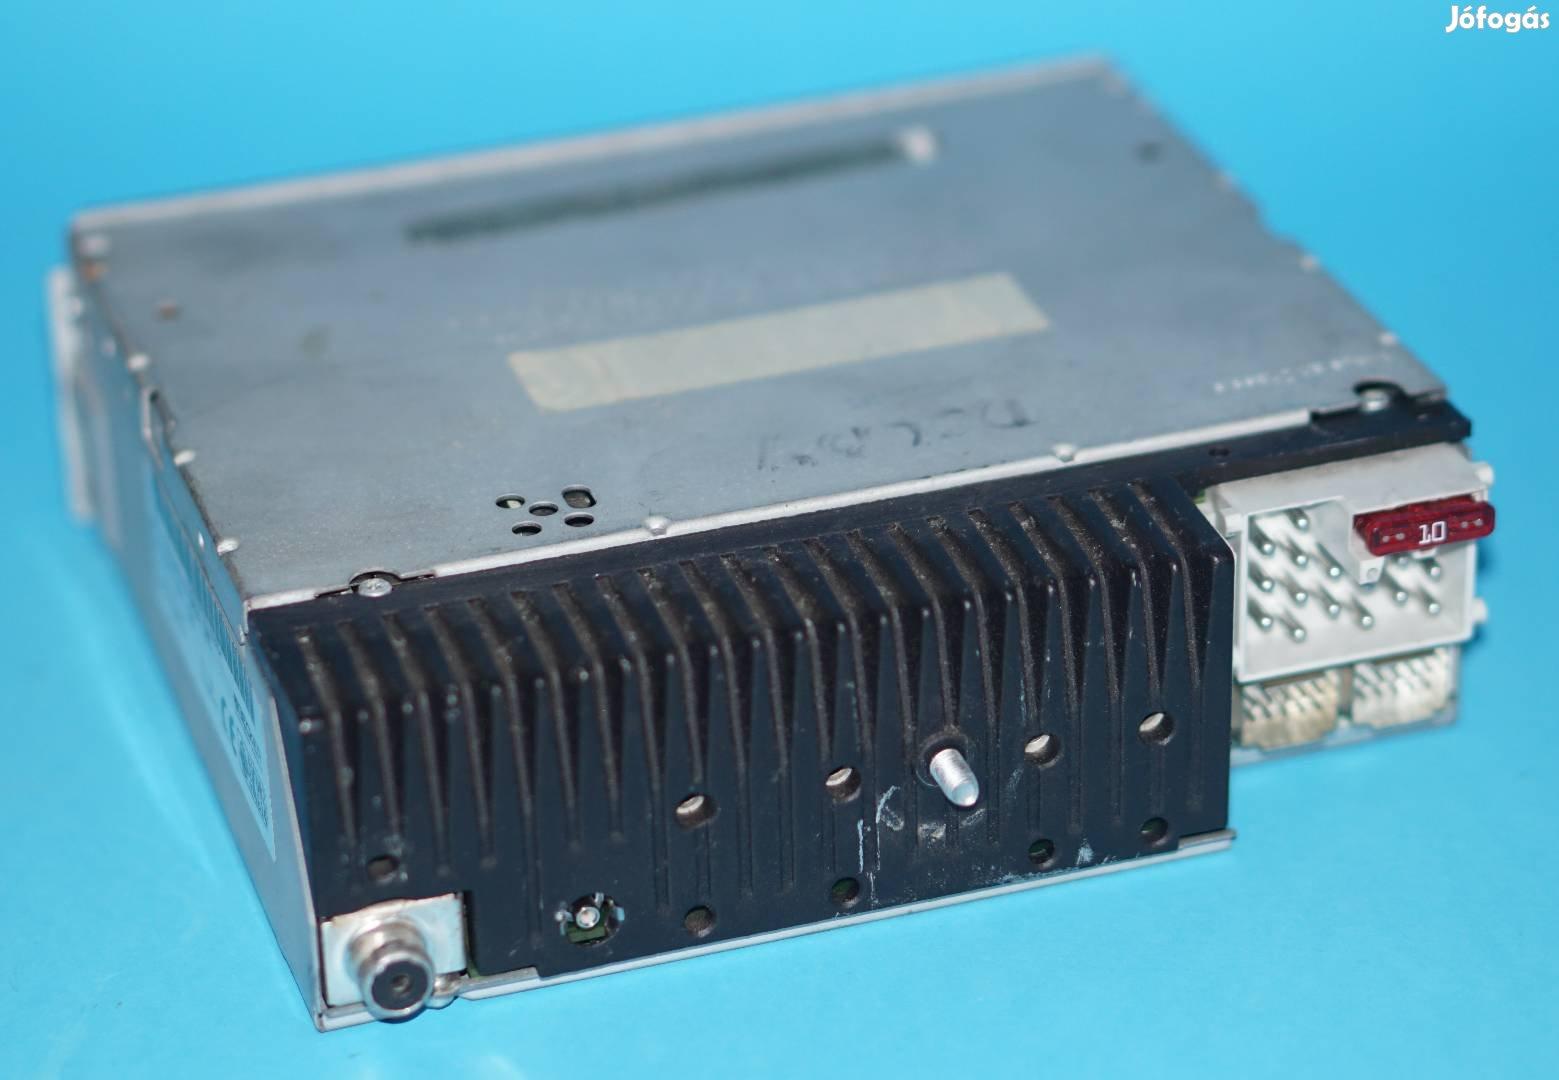 Becker BM54 BM24 Professional rádió egység eladó